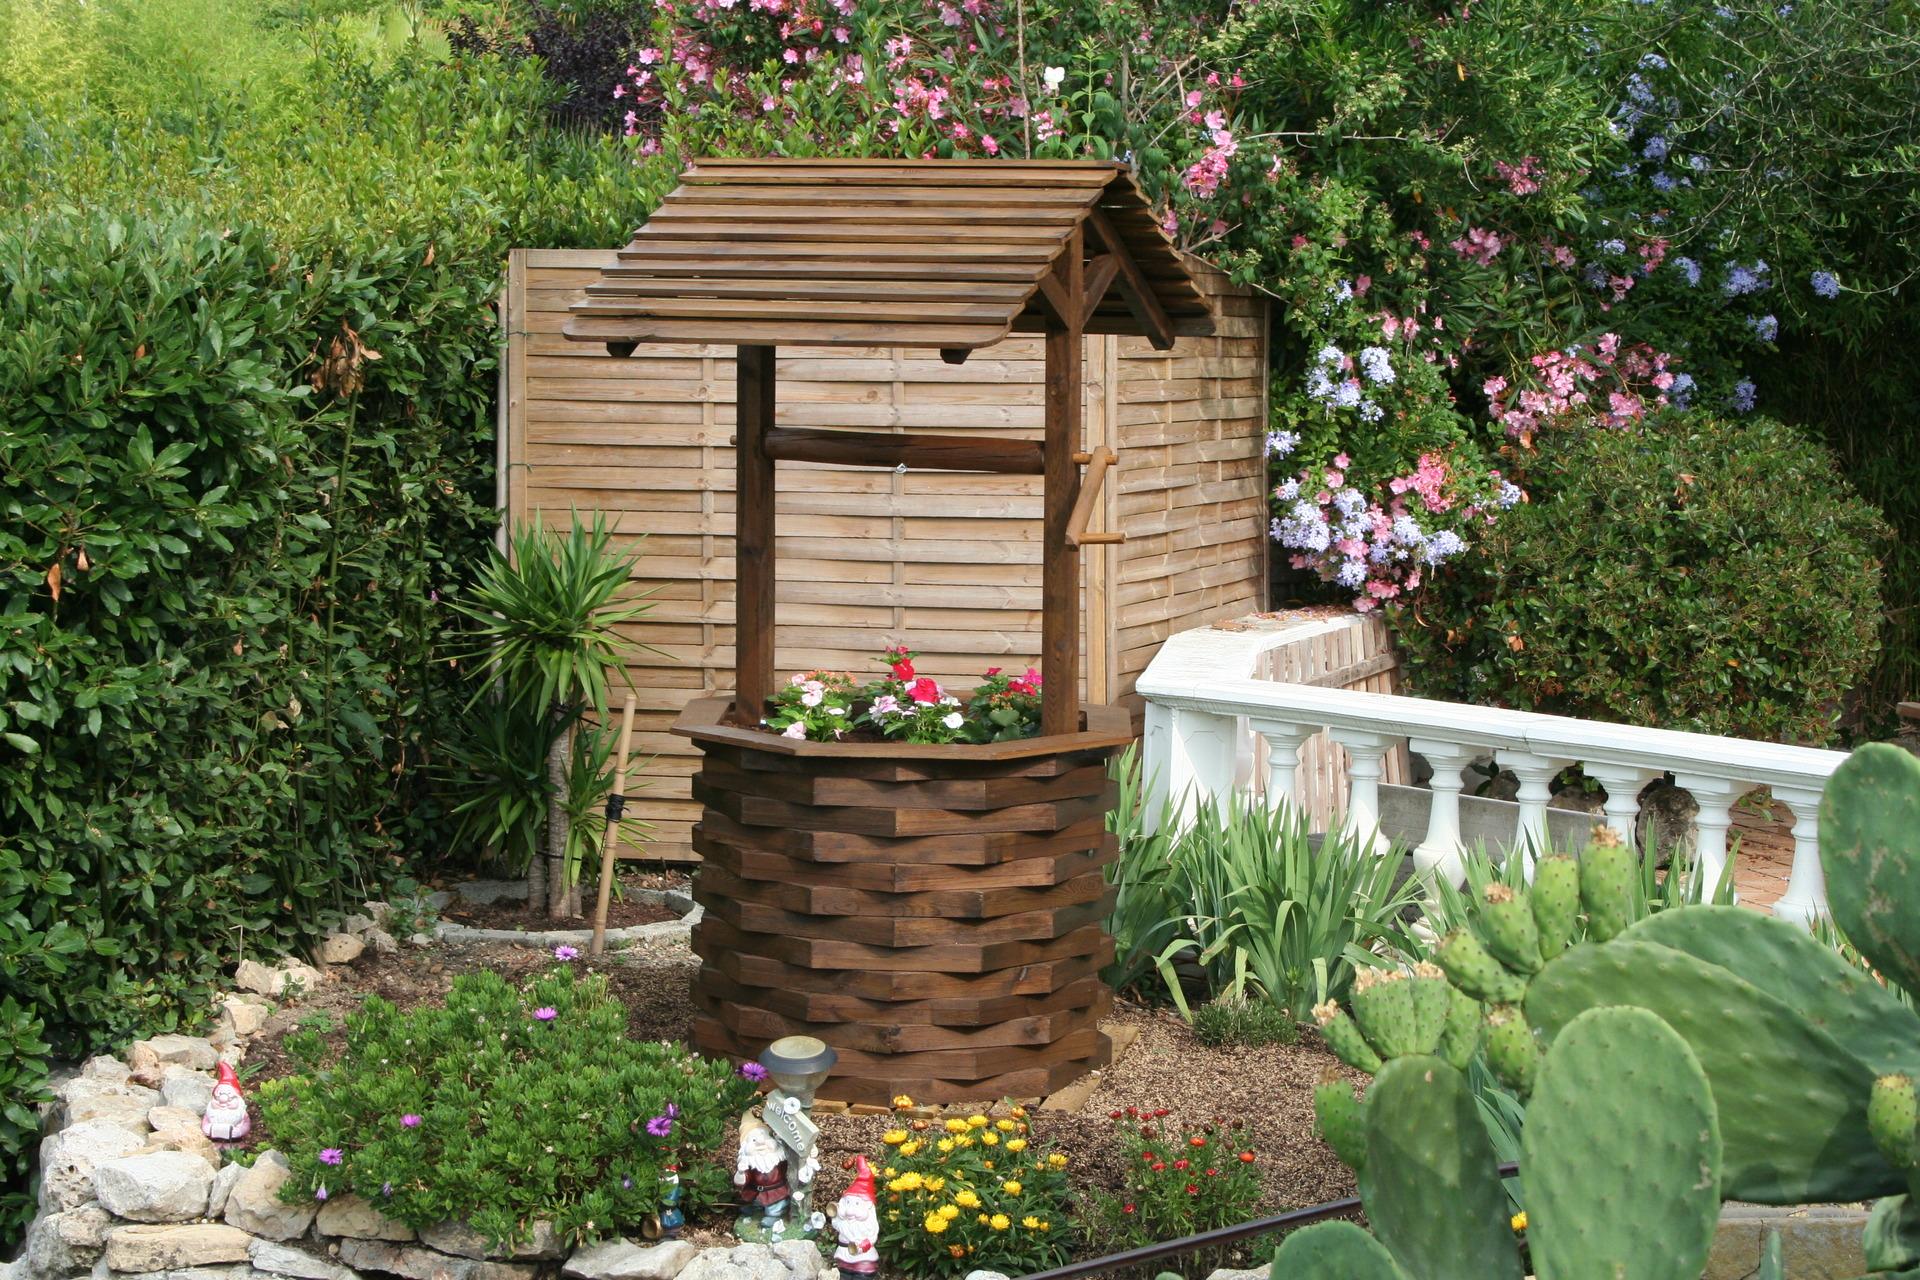 De Haute Qualite Idee De Decoration Pour Jardin